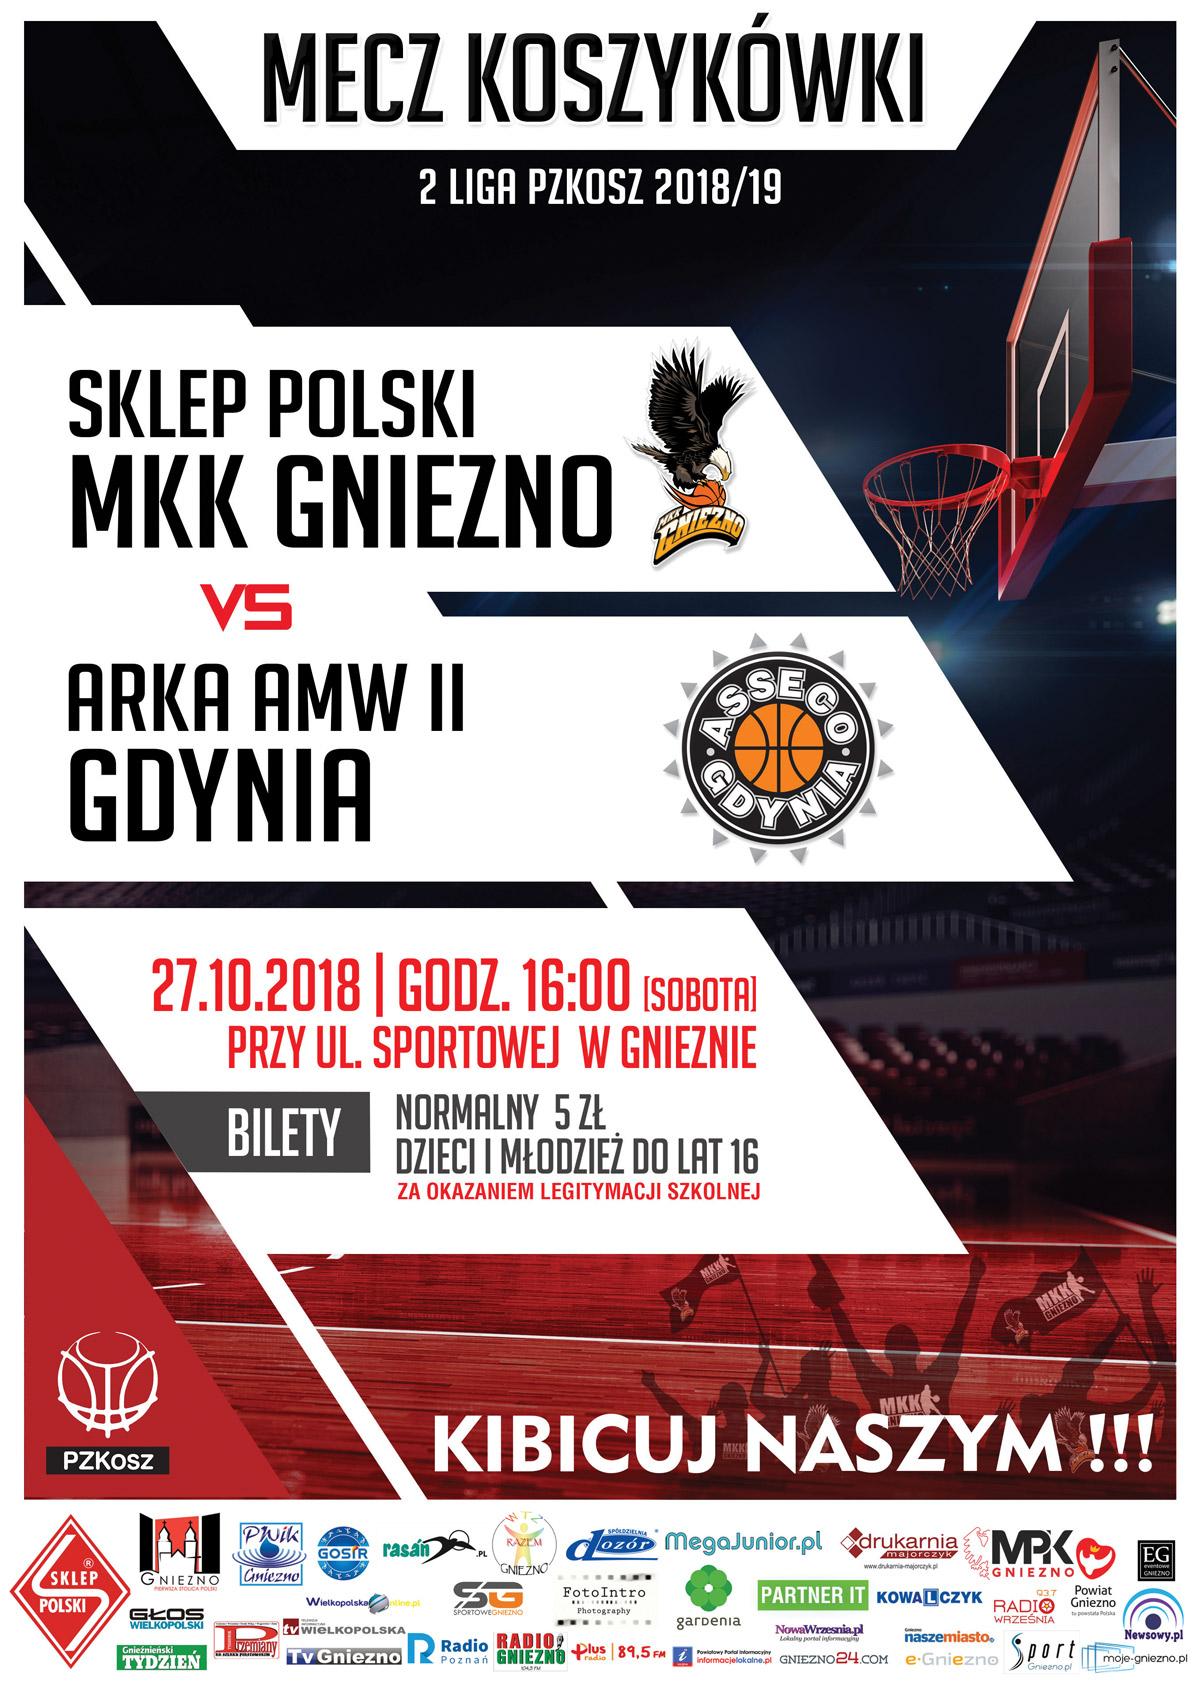 plakat-SP-MKK-Gniezno--ARKA-Gdynia-300-dpi-ver2_www